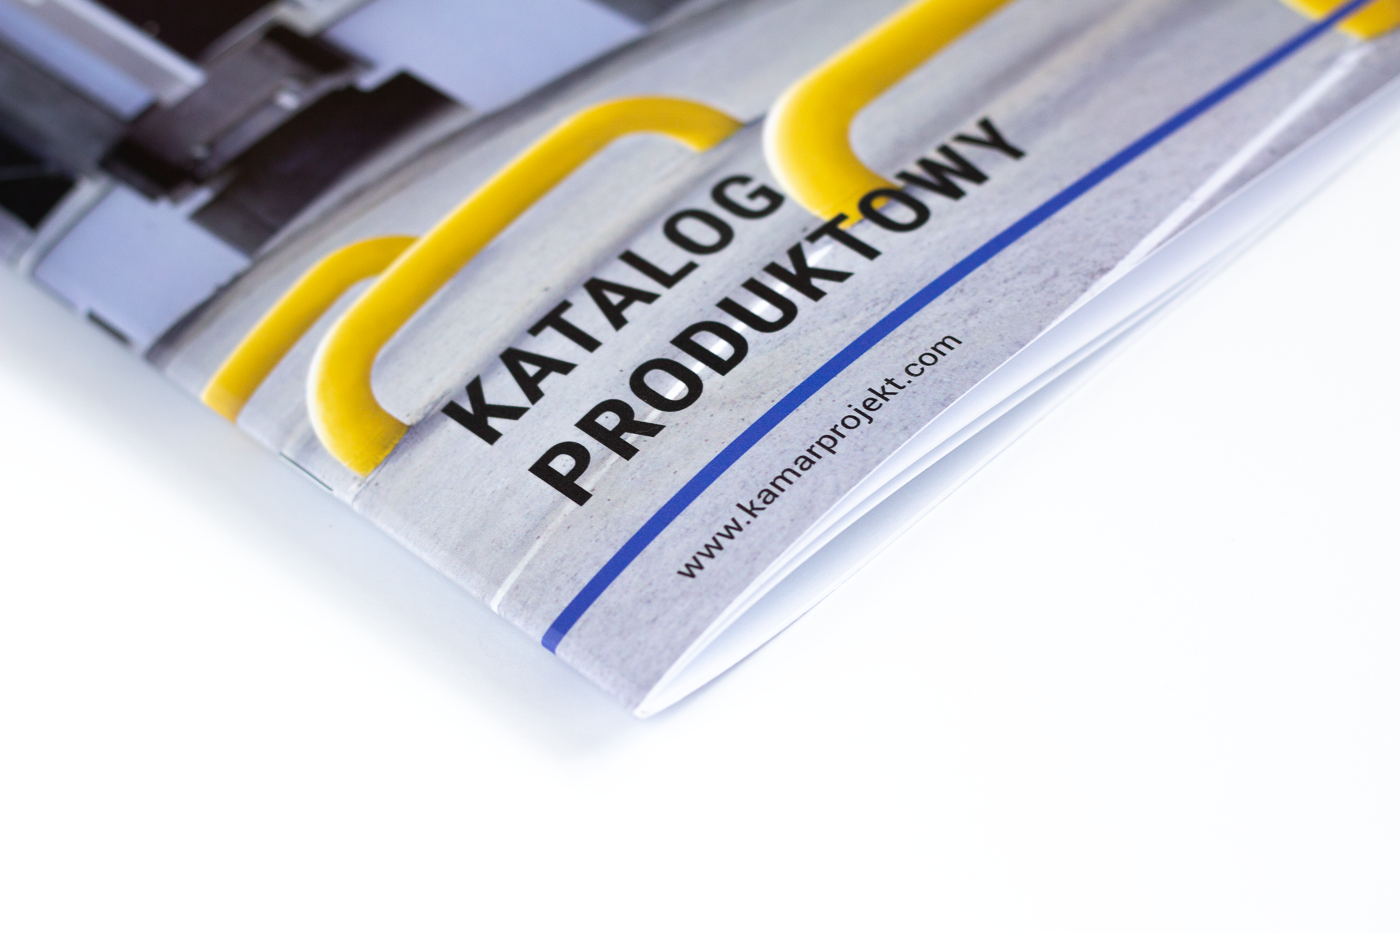 katalog produktowy tytuł